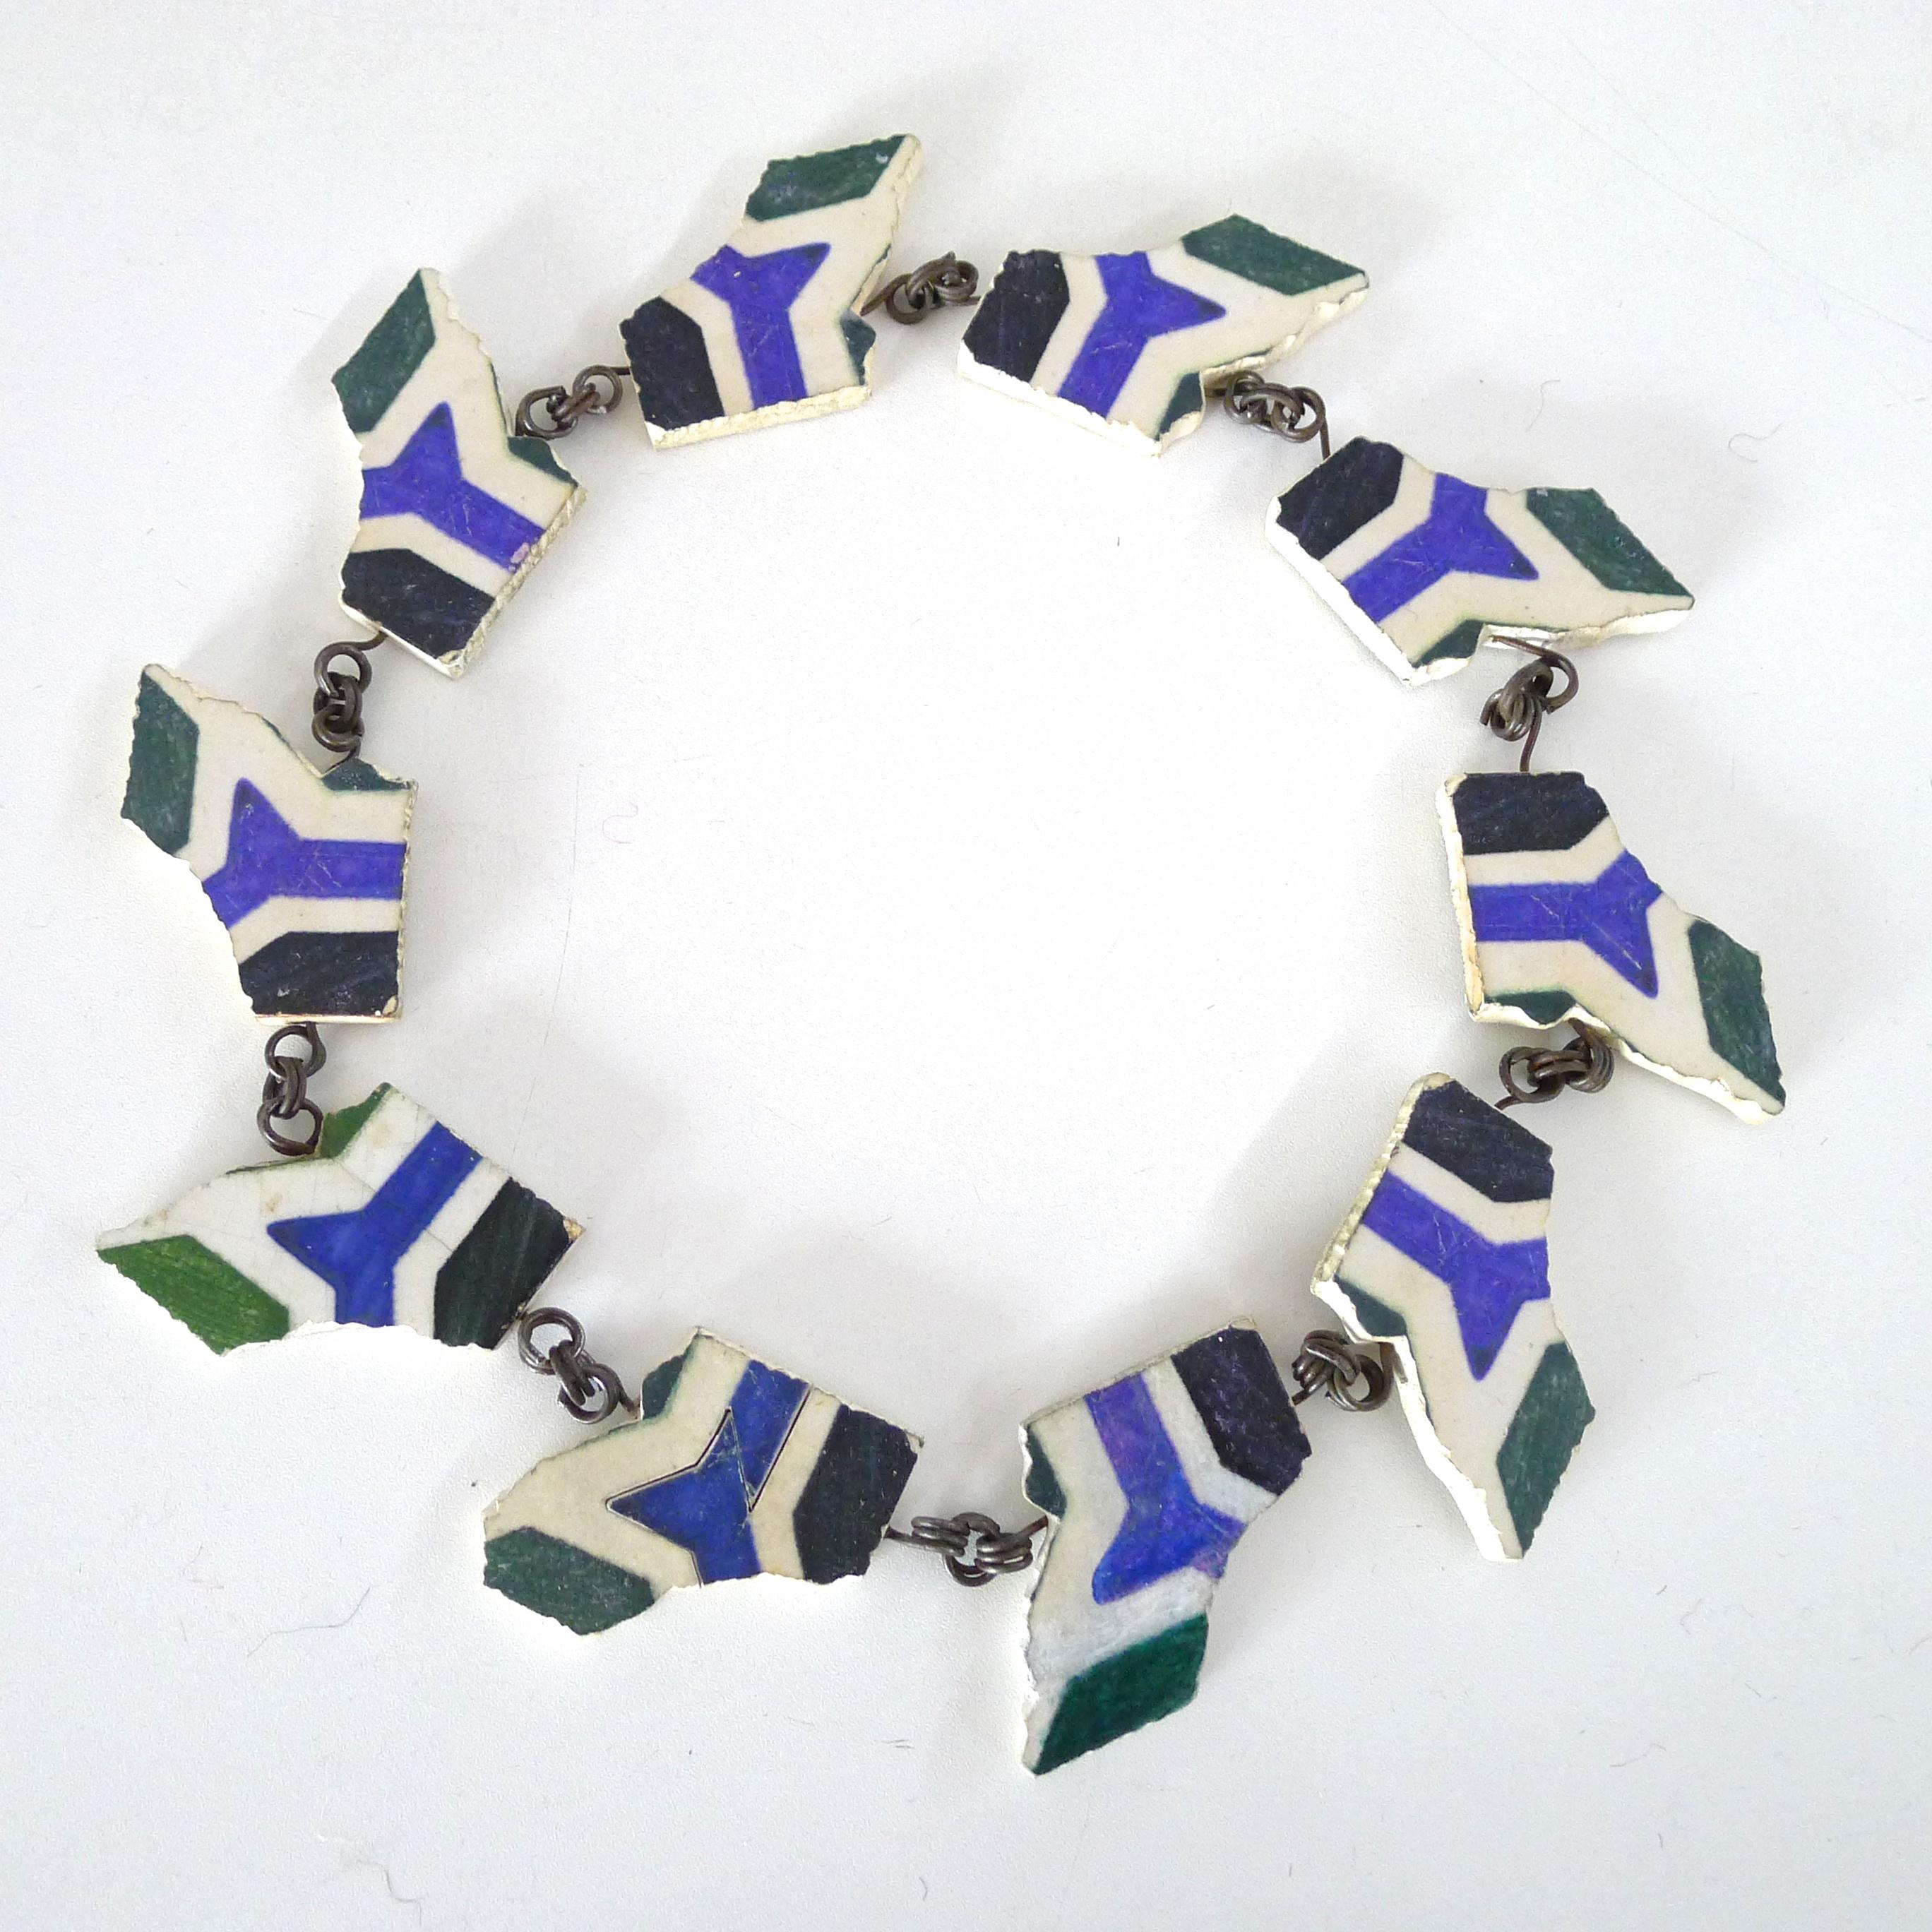 Mecky van den Brink, Tegelcollier Marokko, 1992. Collectie Claartje Keur, keramiek, metaal